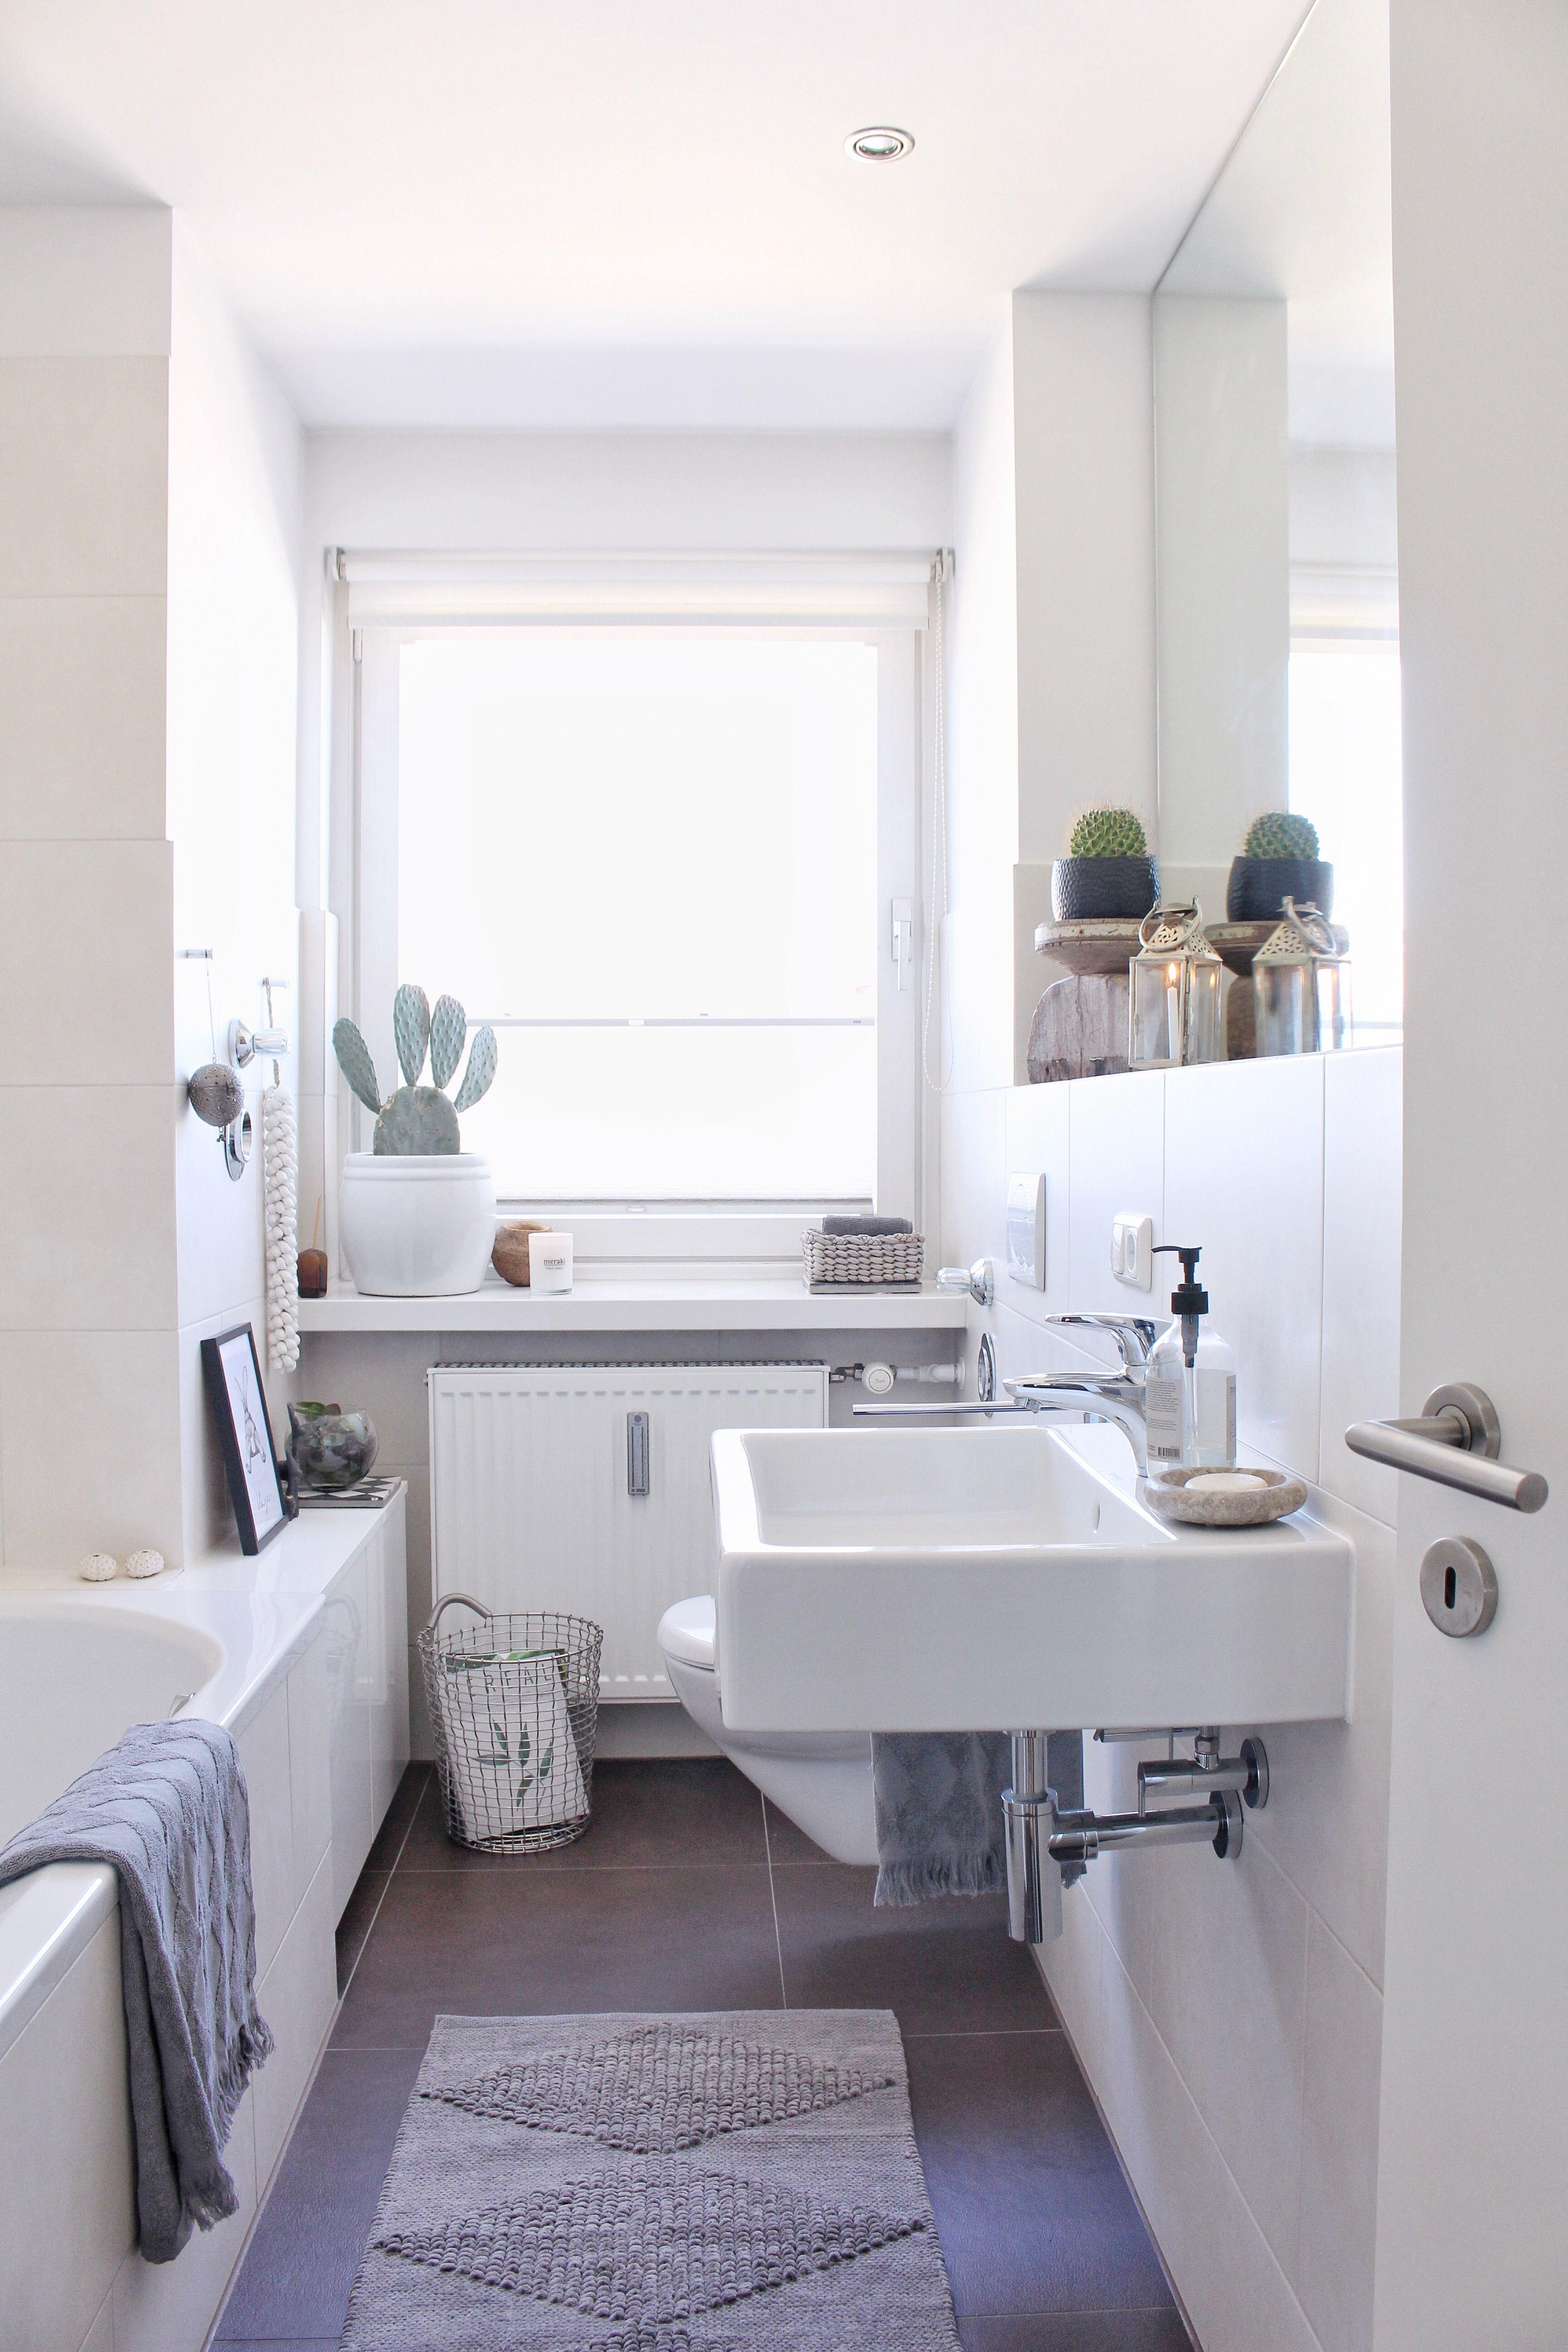 Kleines Bad Gestalten Kleines Bad Gestalten Badezimmer Und Kleine Badezimmer